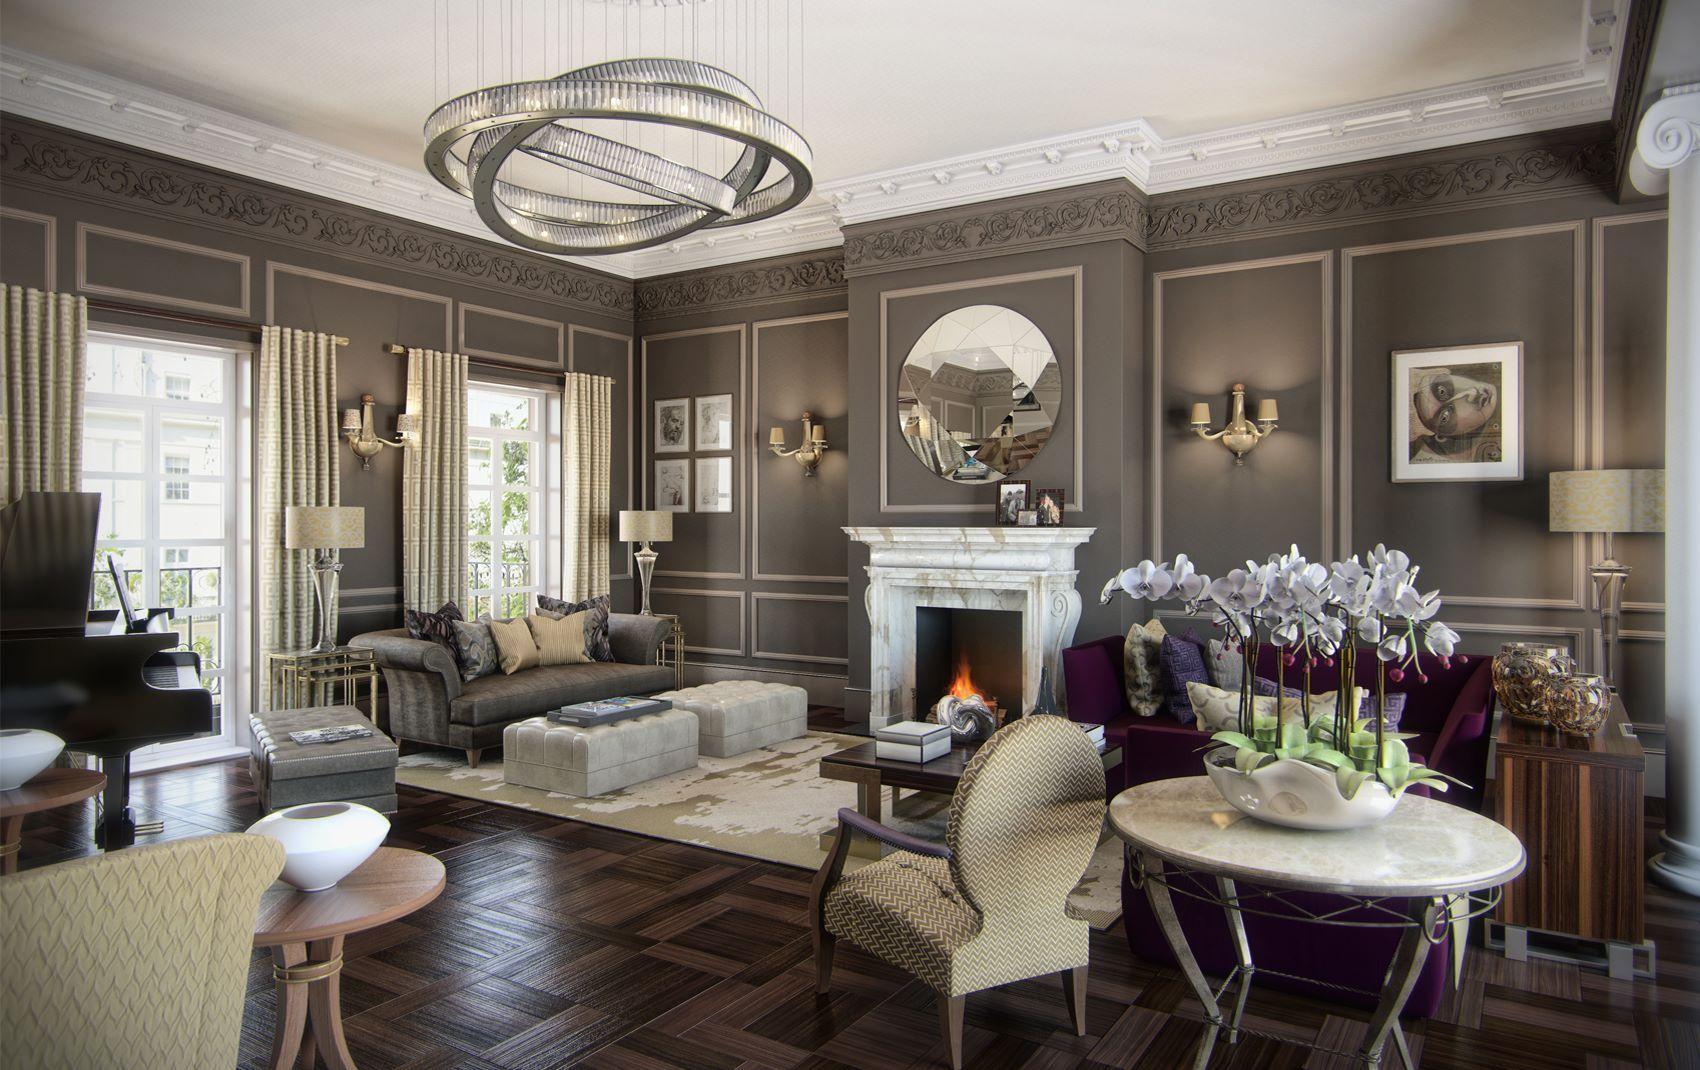 نتيجة بحث الصور عن luxury interior design ideas